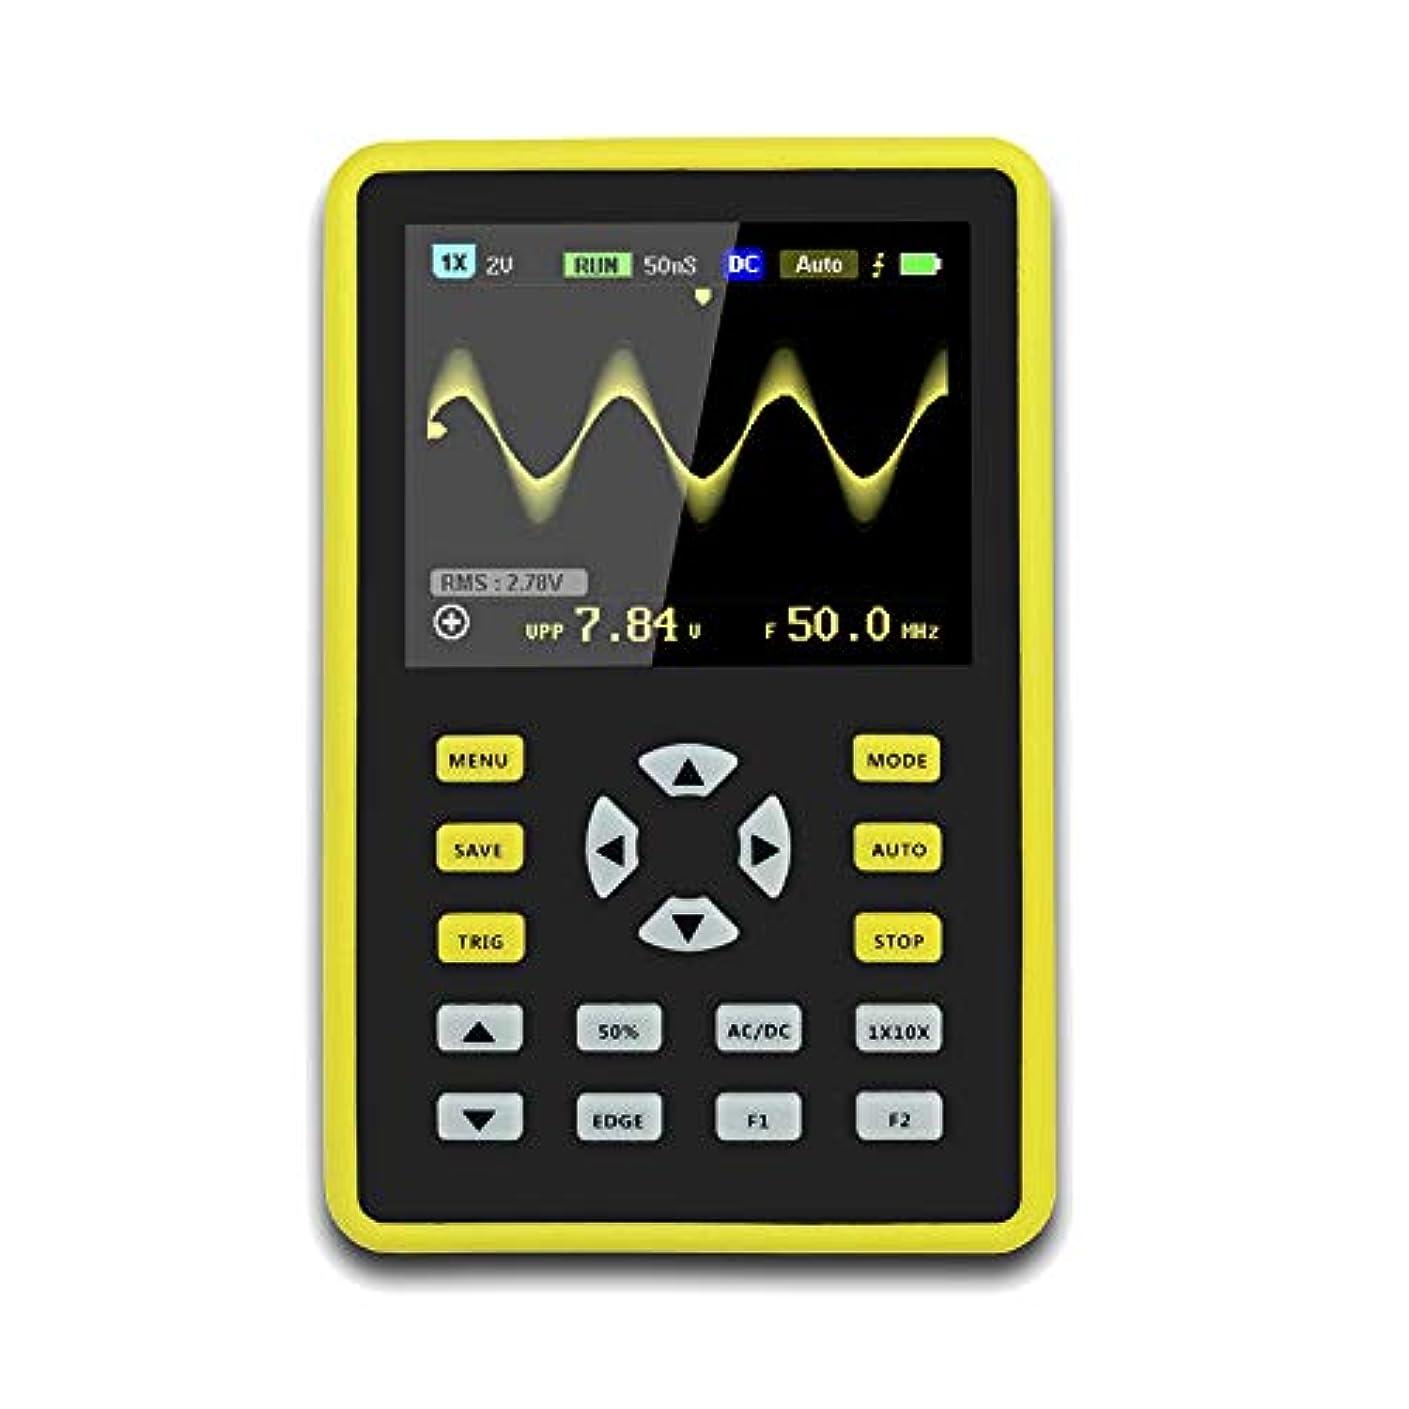 キャリッジ口述する海港CoolTack  手持ち型デジタル小型オシロスコープ2.4インチ500 MS/s IPS LCD表示スクリーンの携帯用